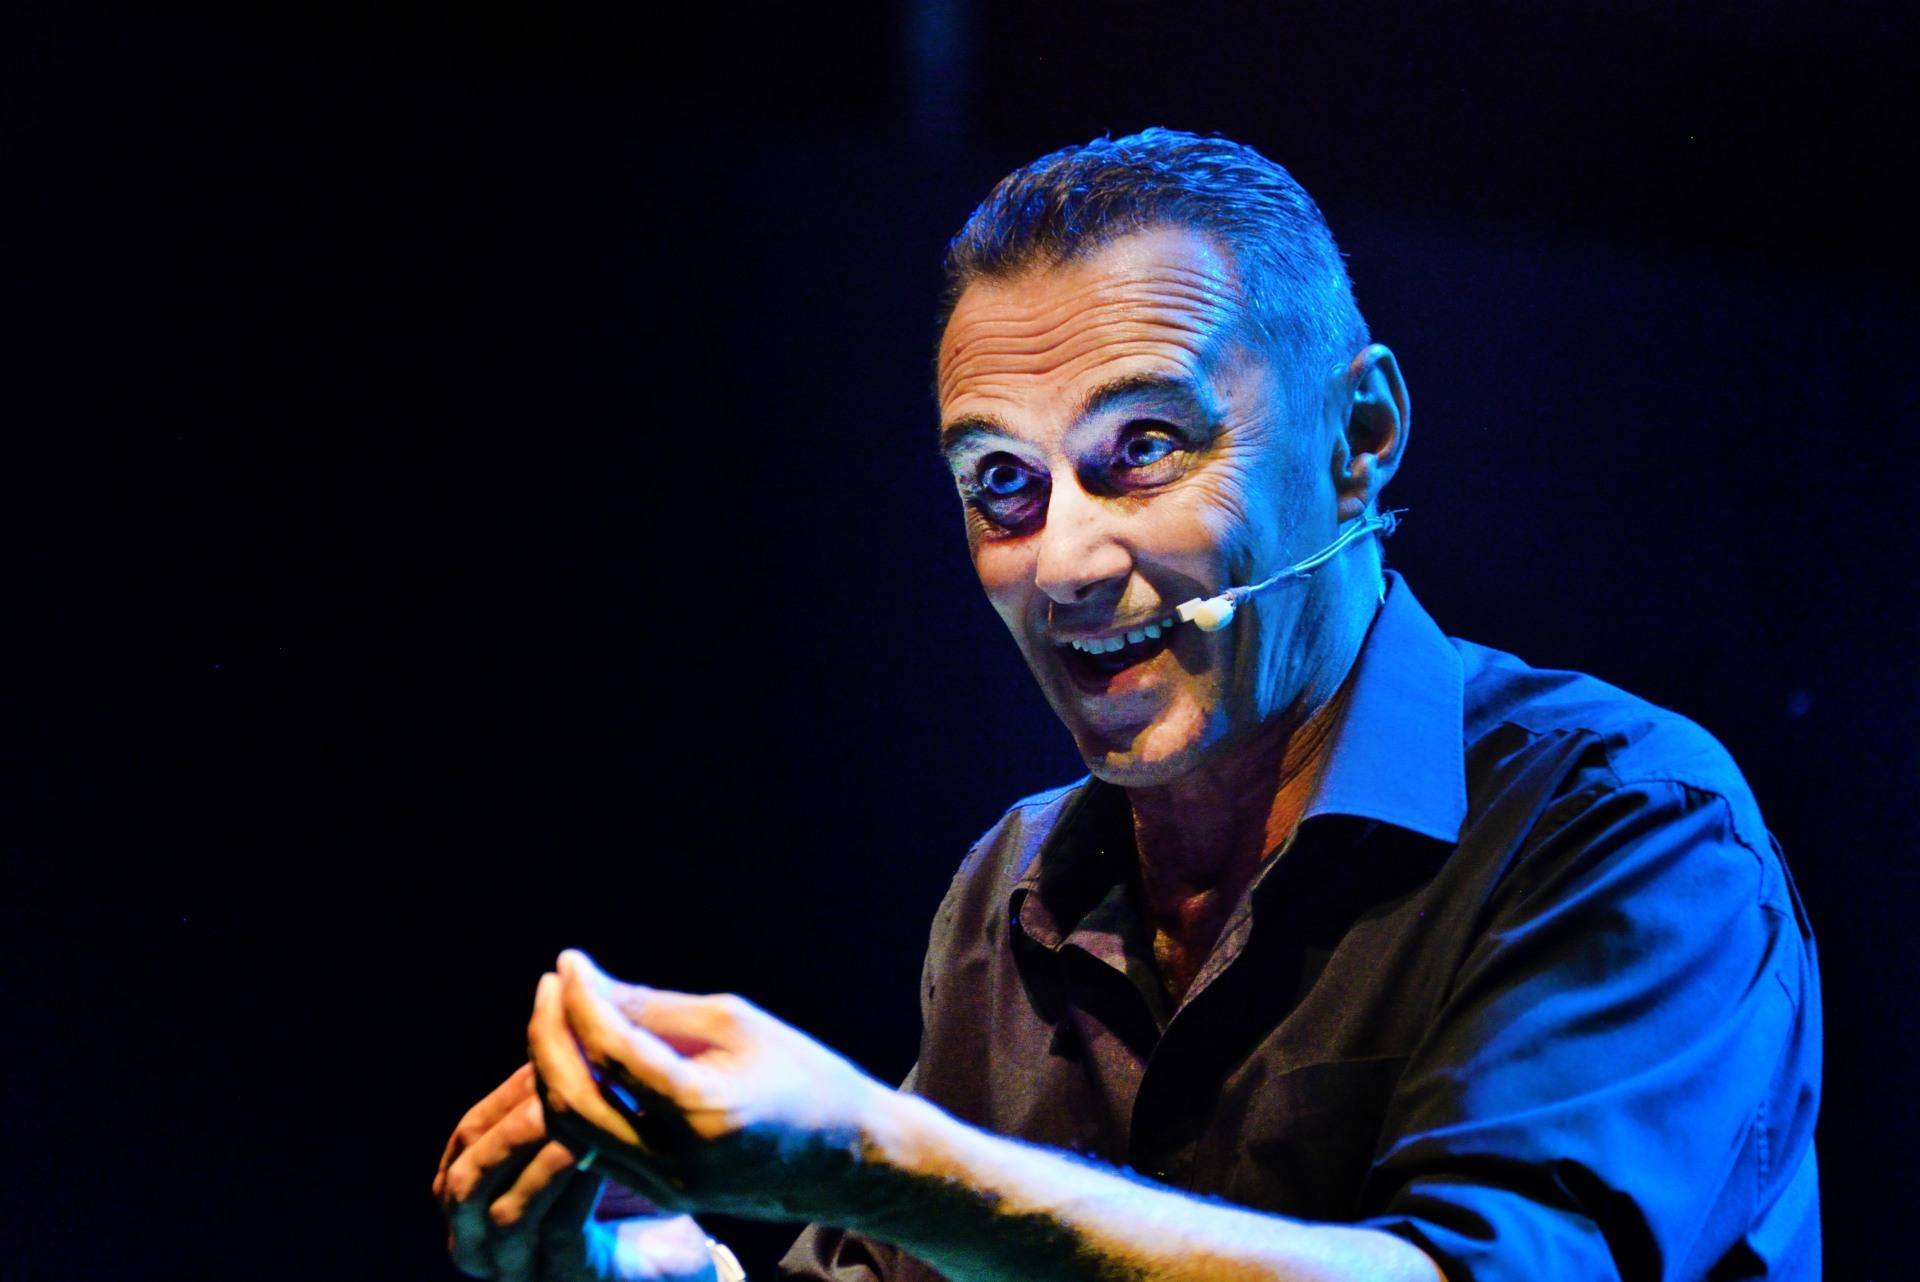 Giuseppe Giacobazzi si conferma uno dei migliori comici in circolazione